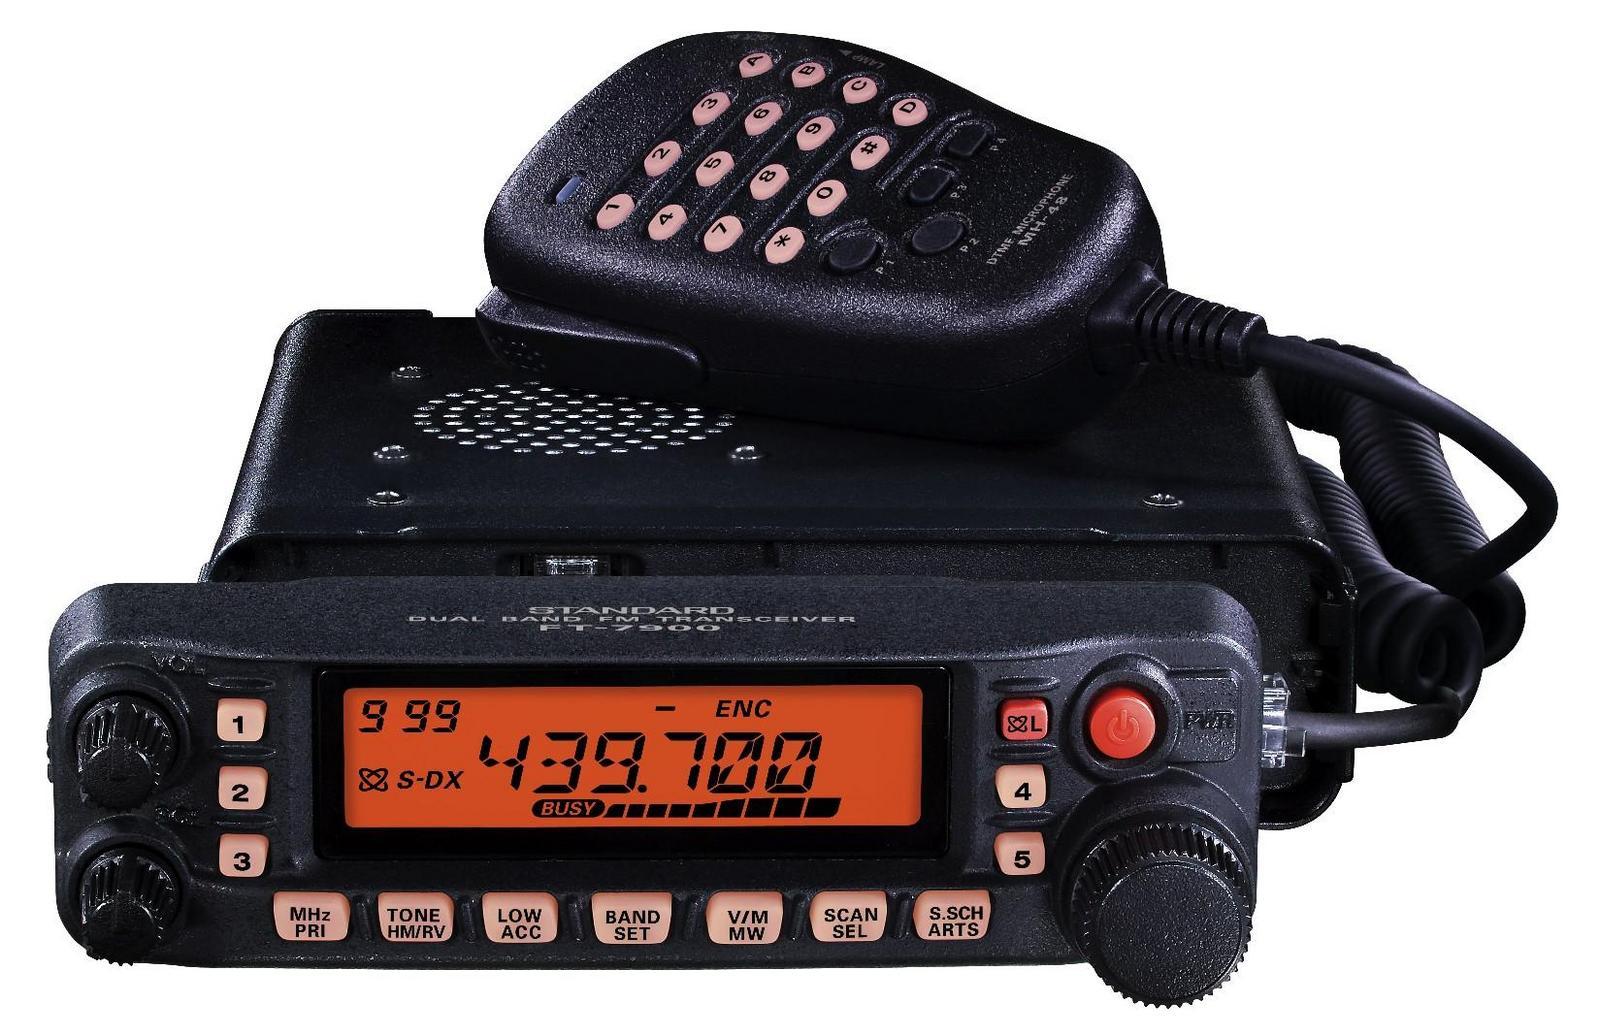 FT-7900 YSKパッケージ  144/430MHzデュアルバンド FM20W トランシーバー  スタンダード(STANDARD)